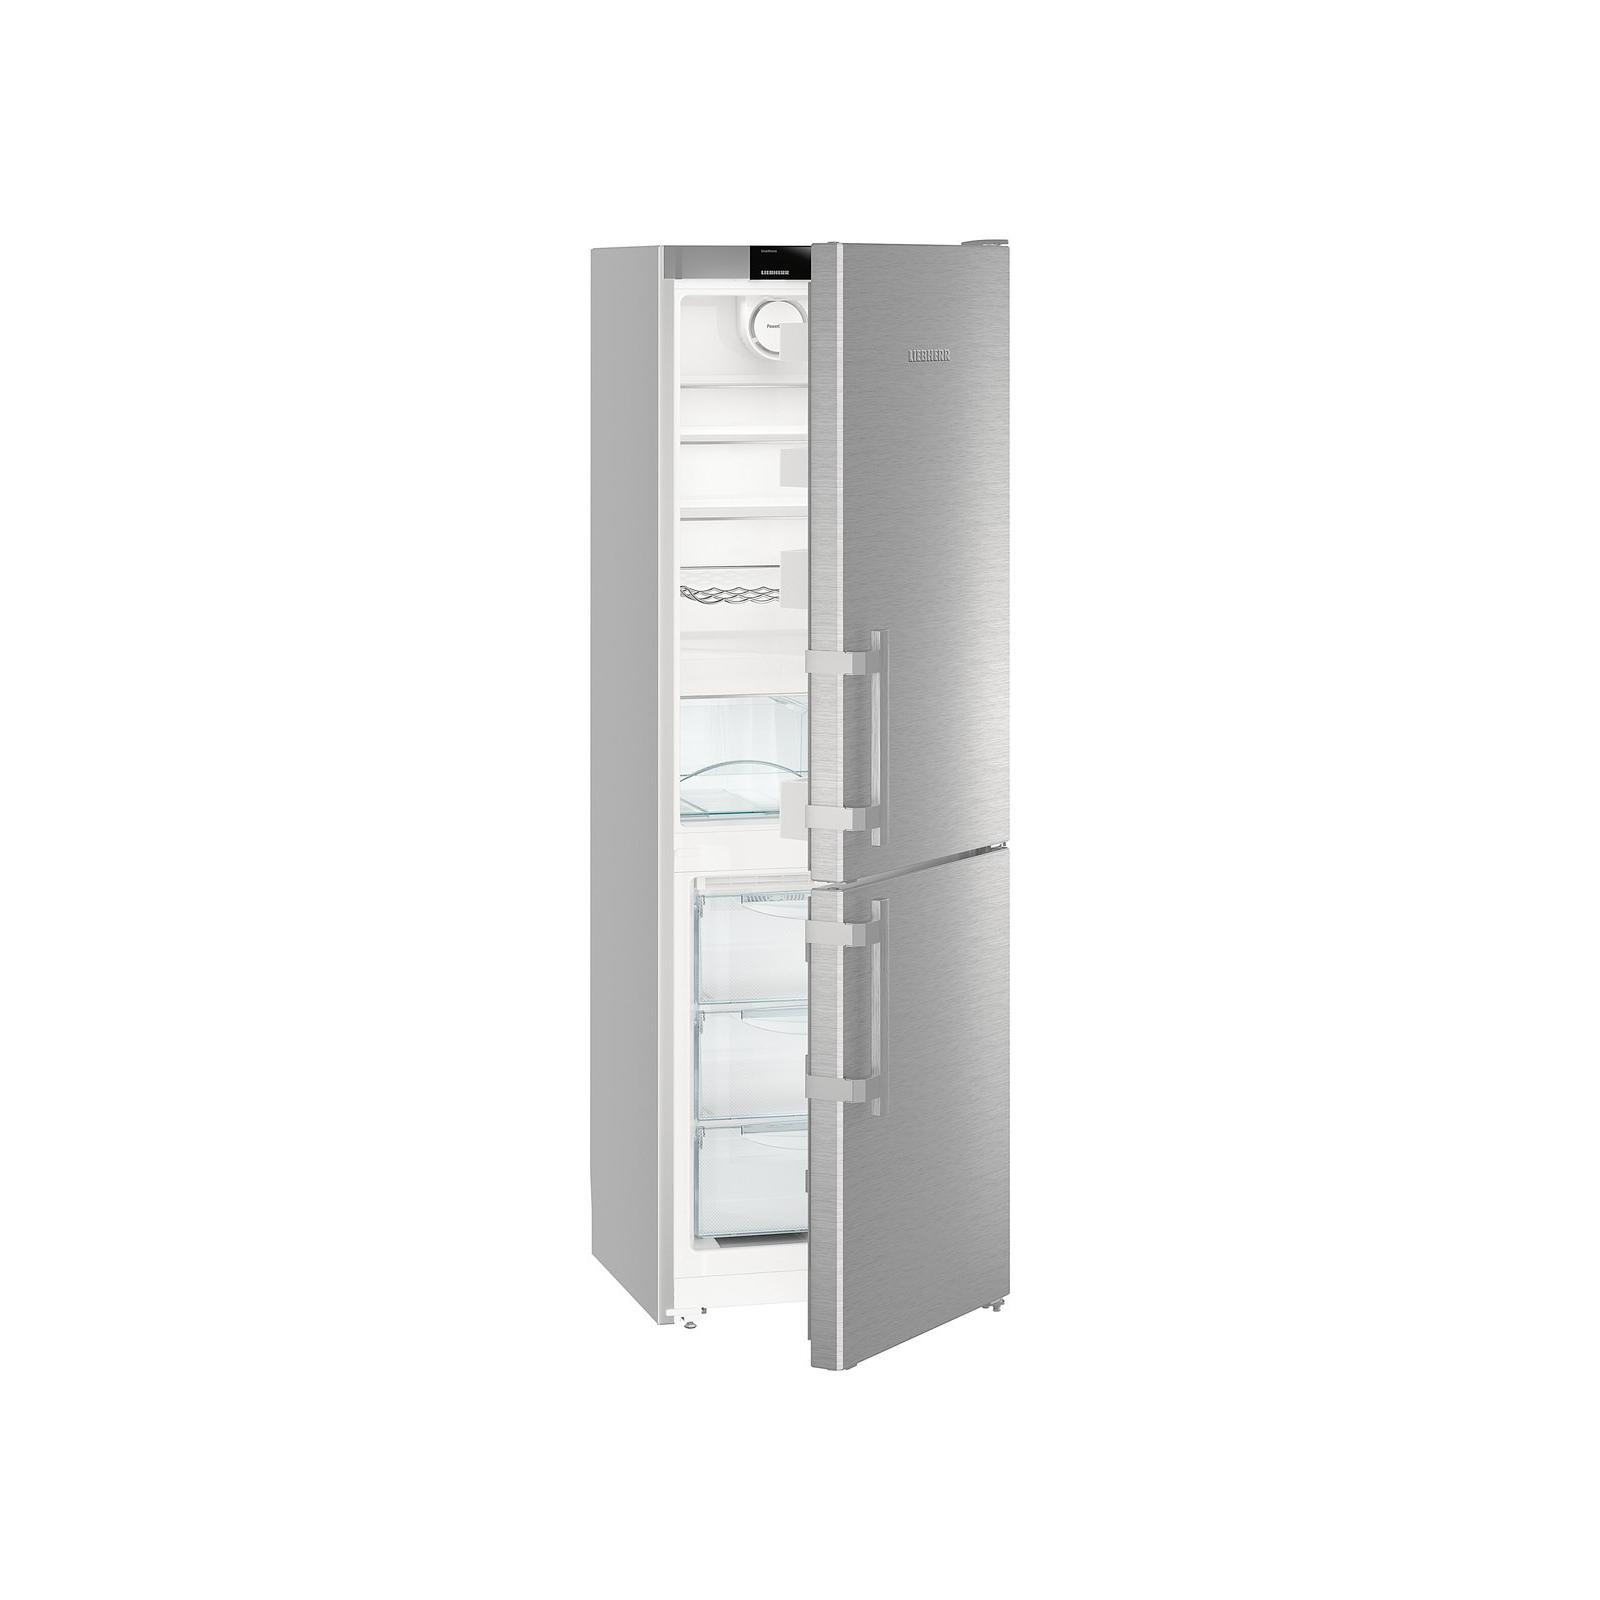 Холодильник Liebherr CNef 3515 изображение 2